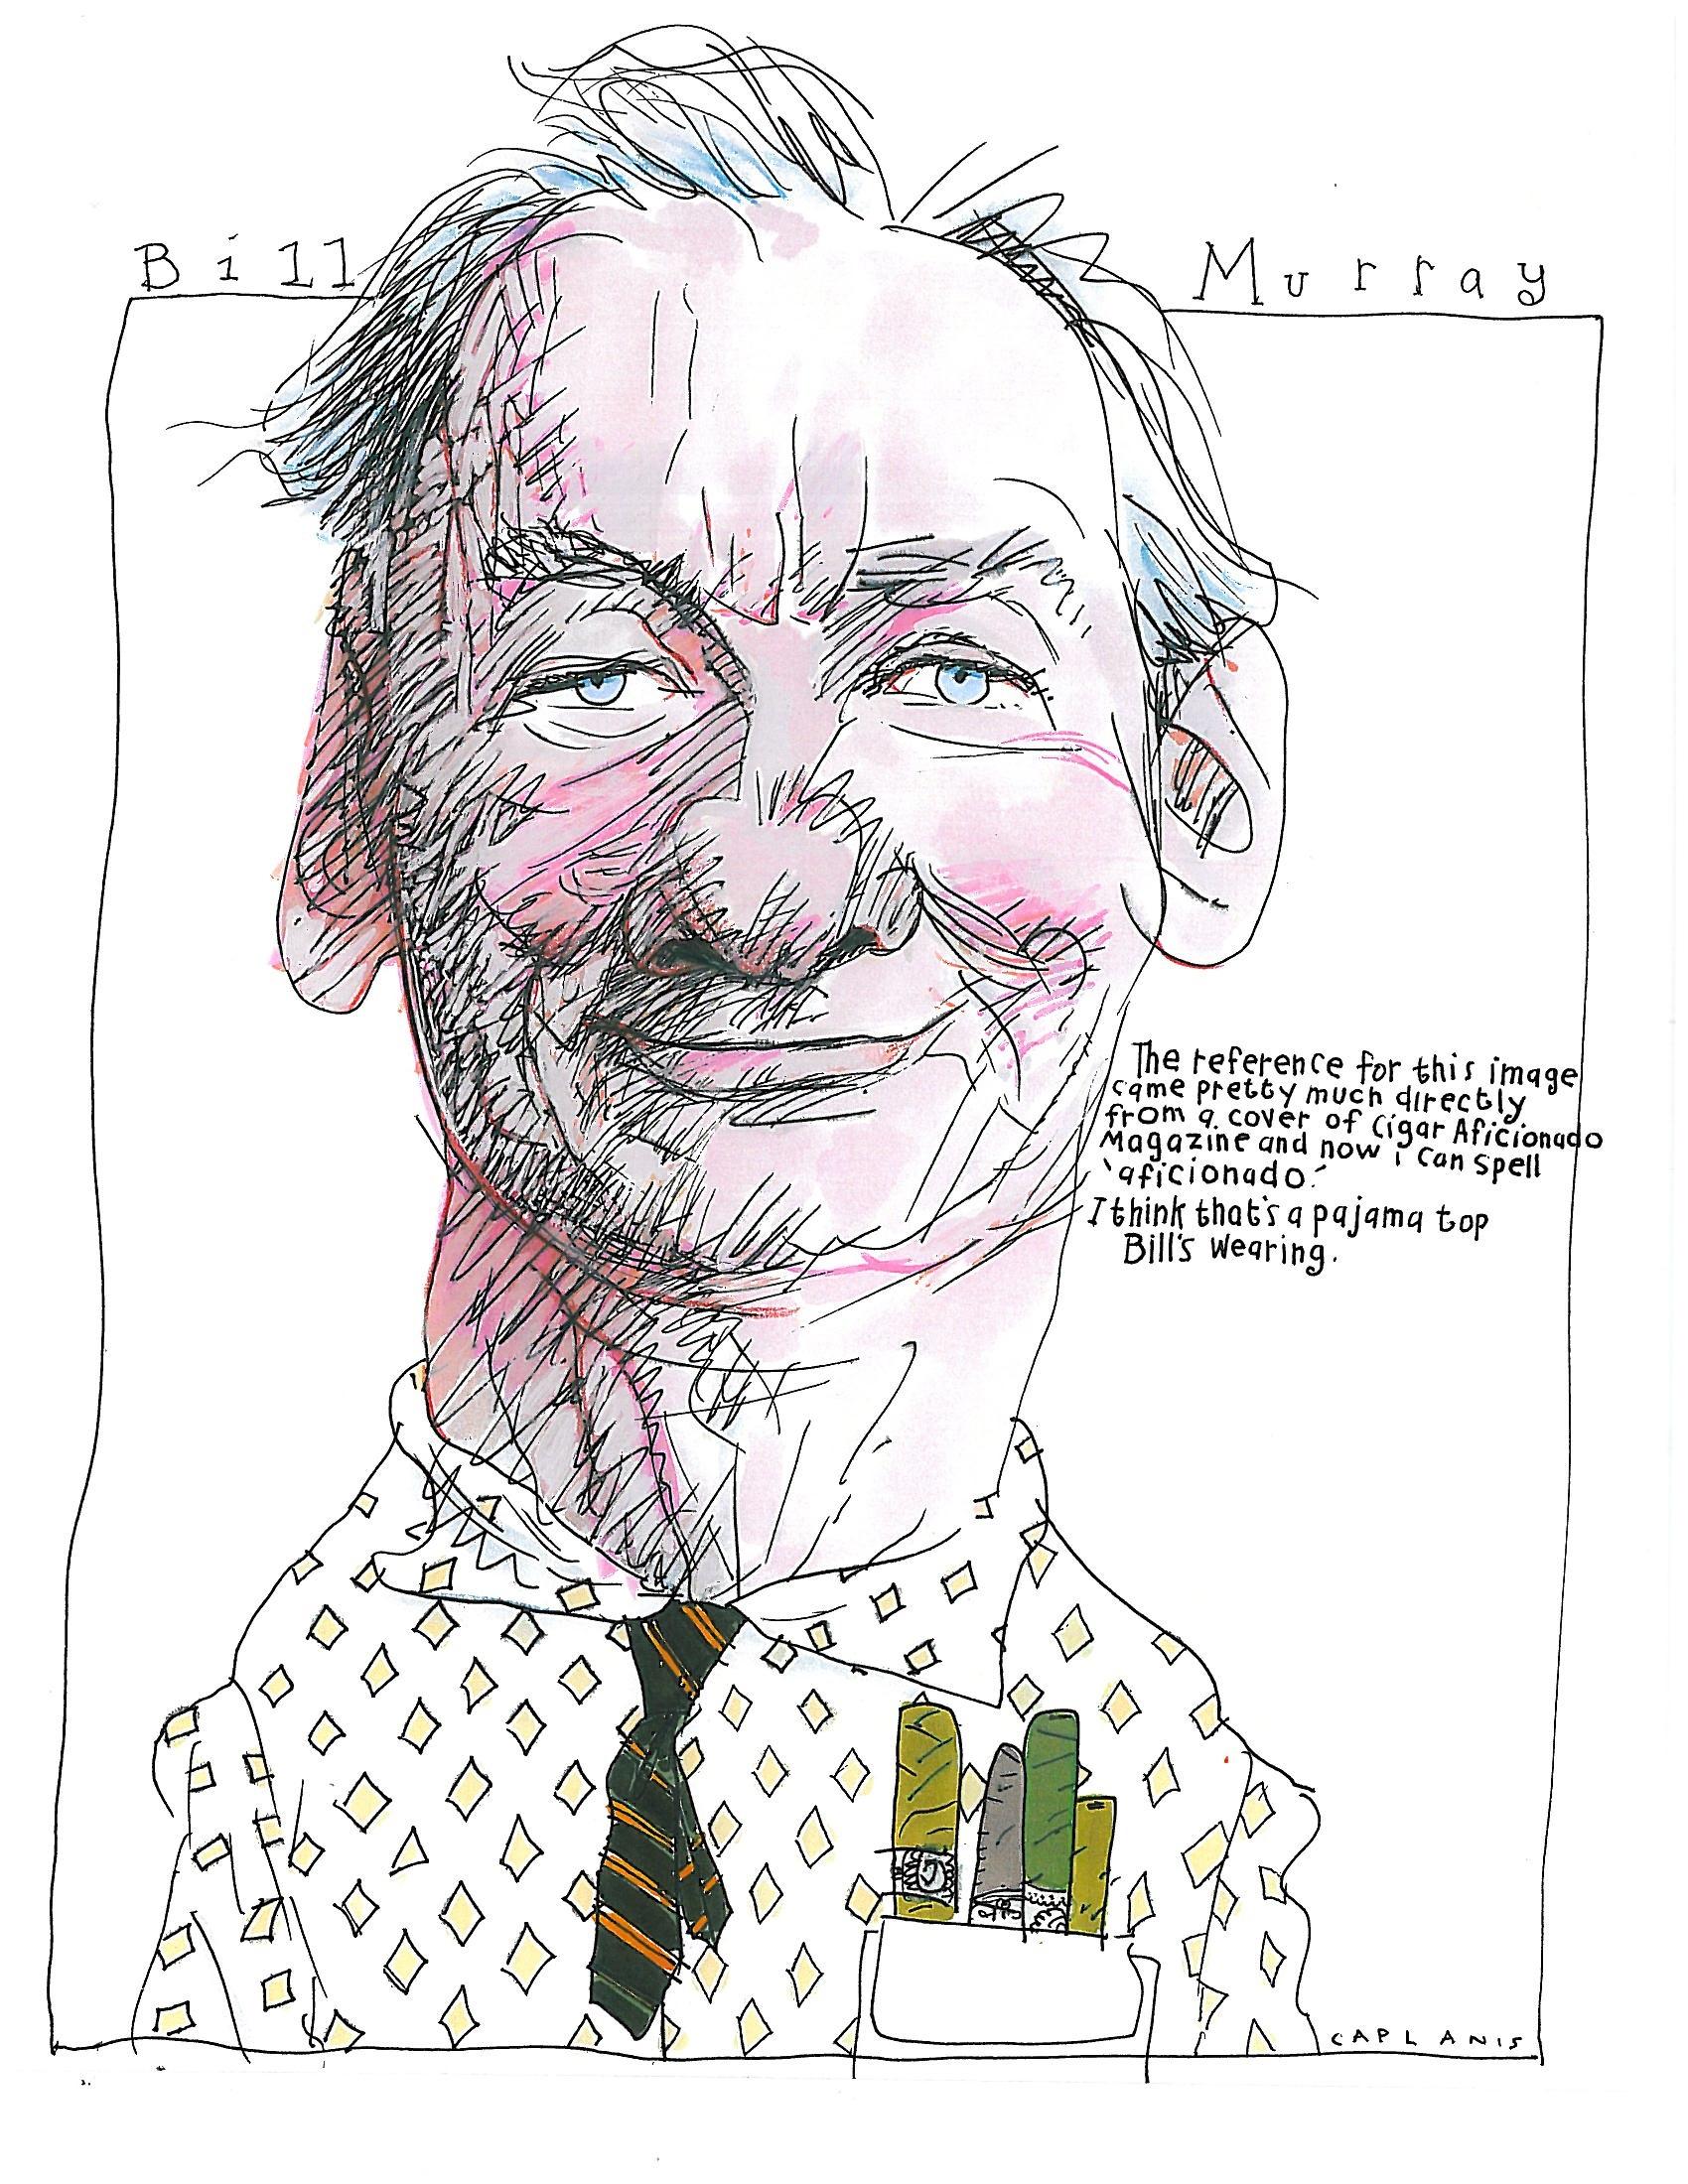 bill murray 2.jpg